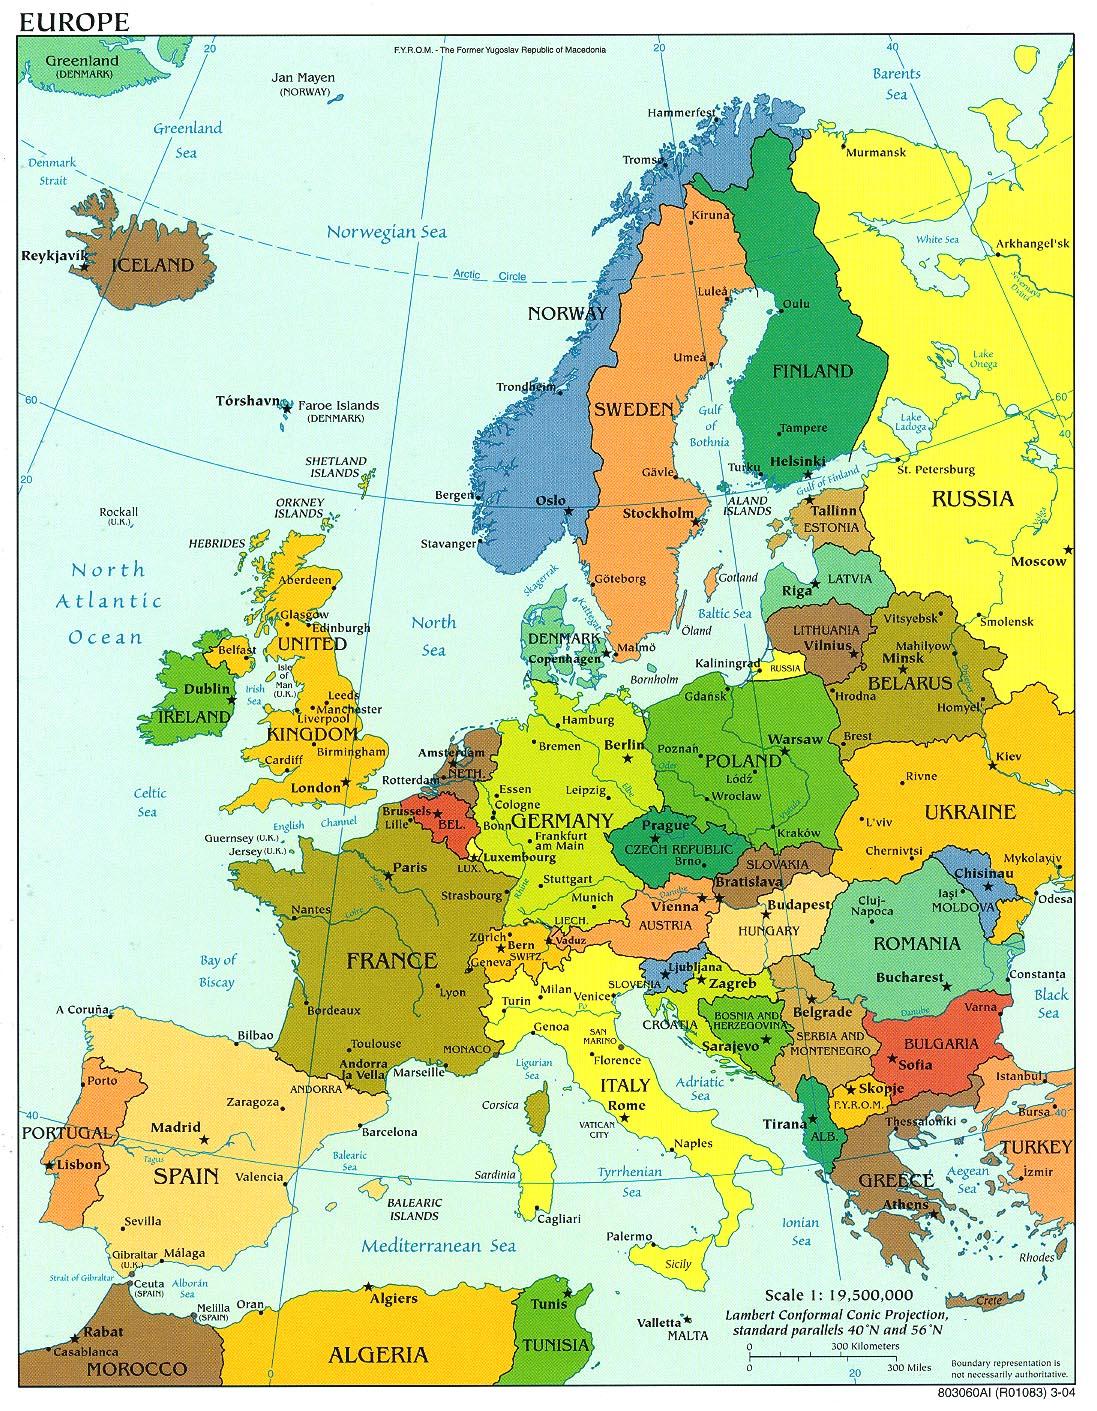 Mapa Politico de Europa 2004